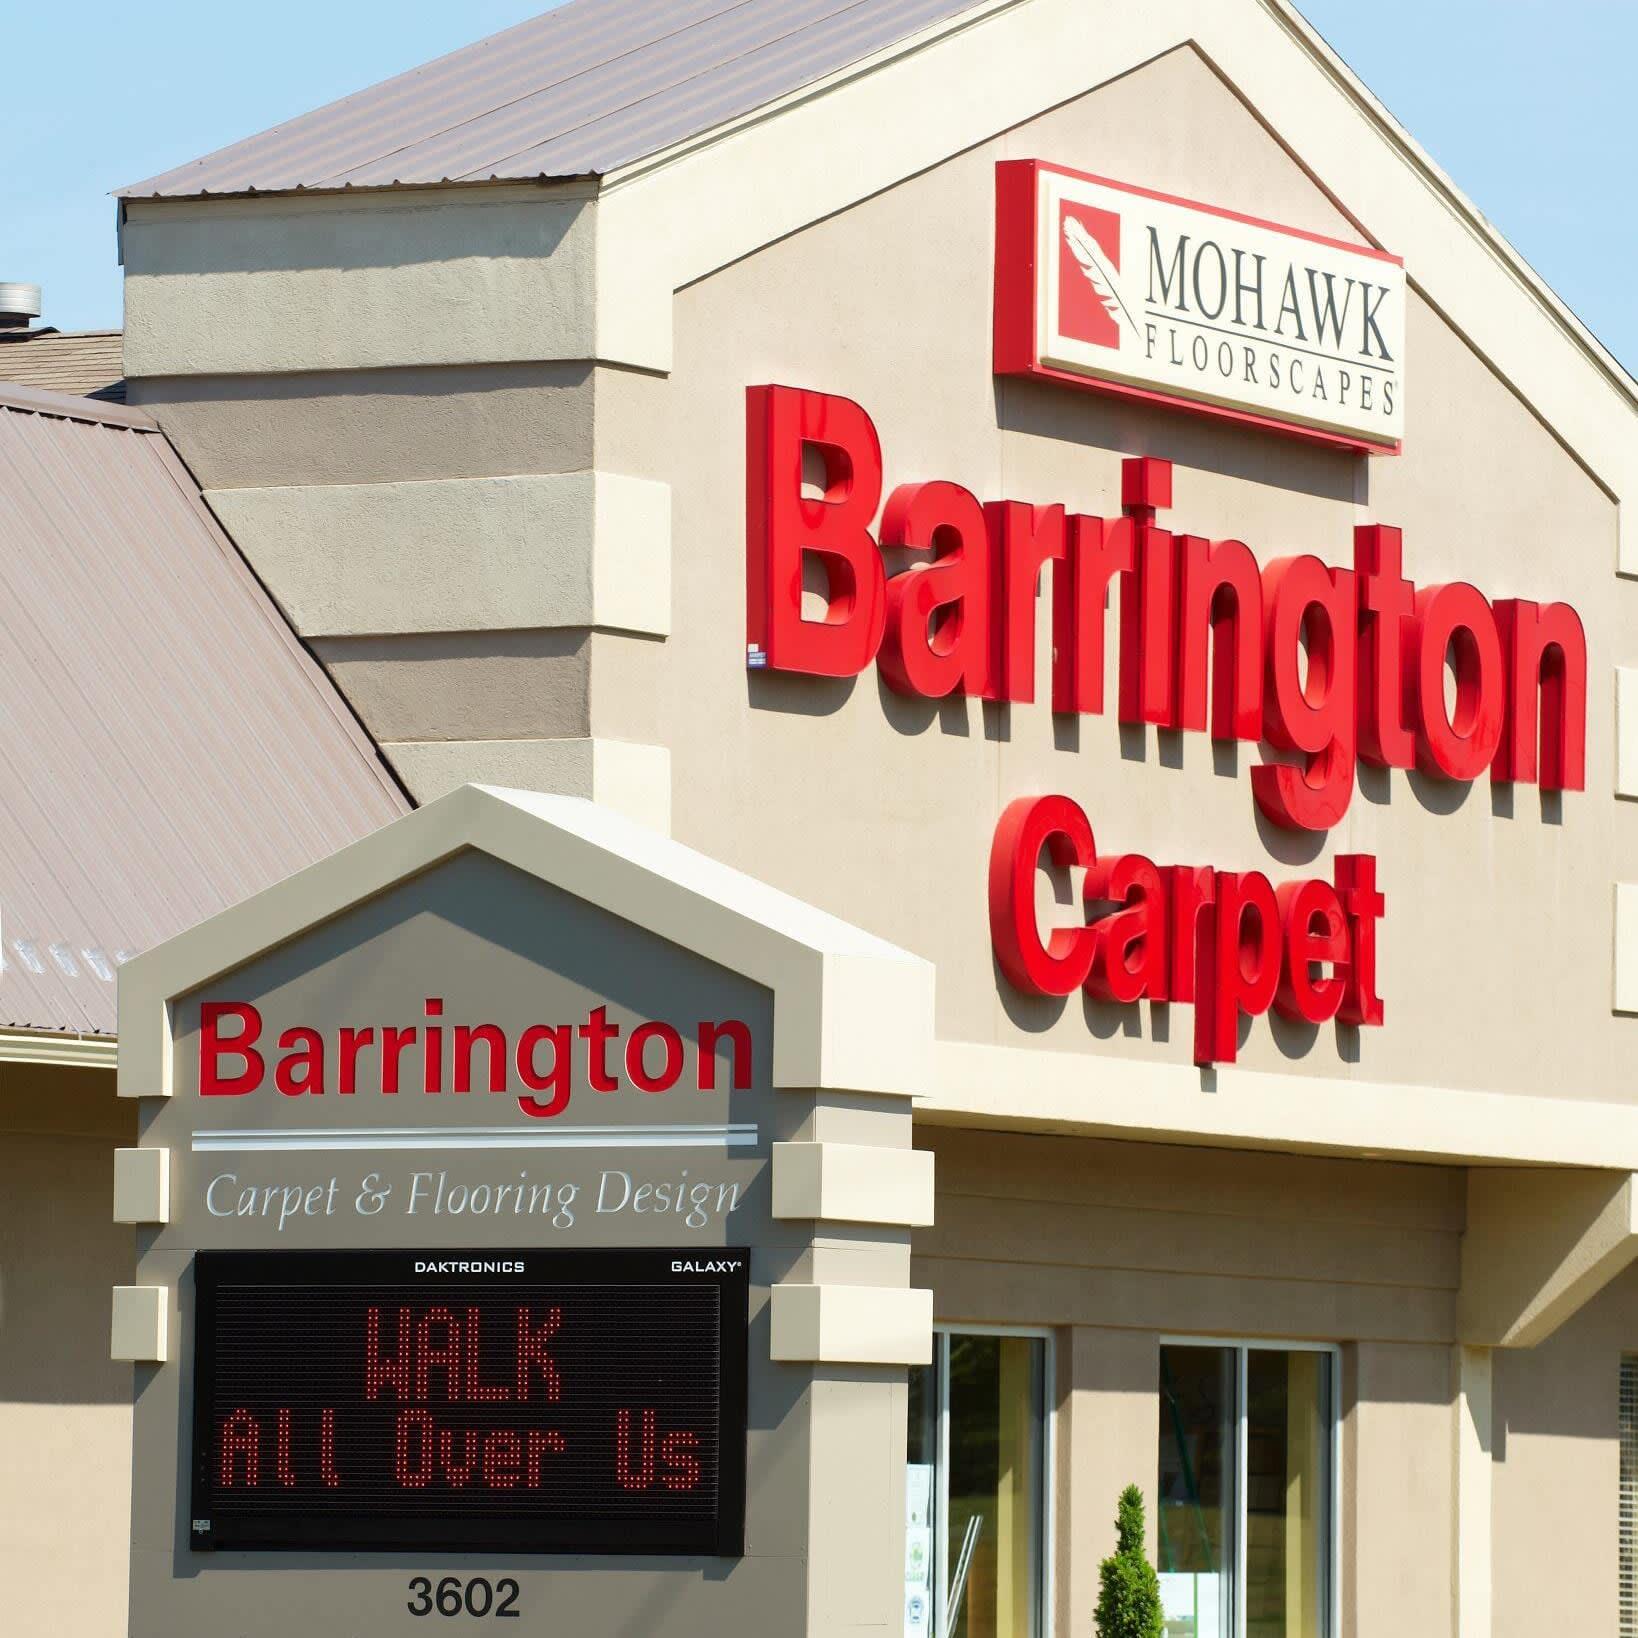 Flooring design professionals in the Akron, OH area - Barrington Carpet & Flooring Design